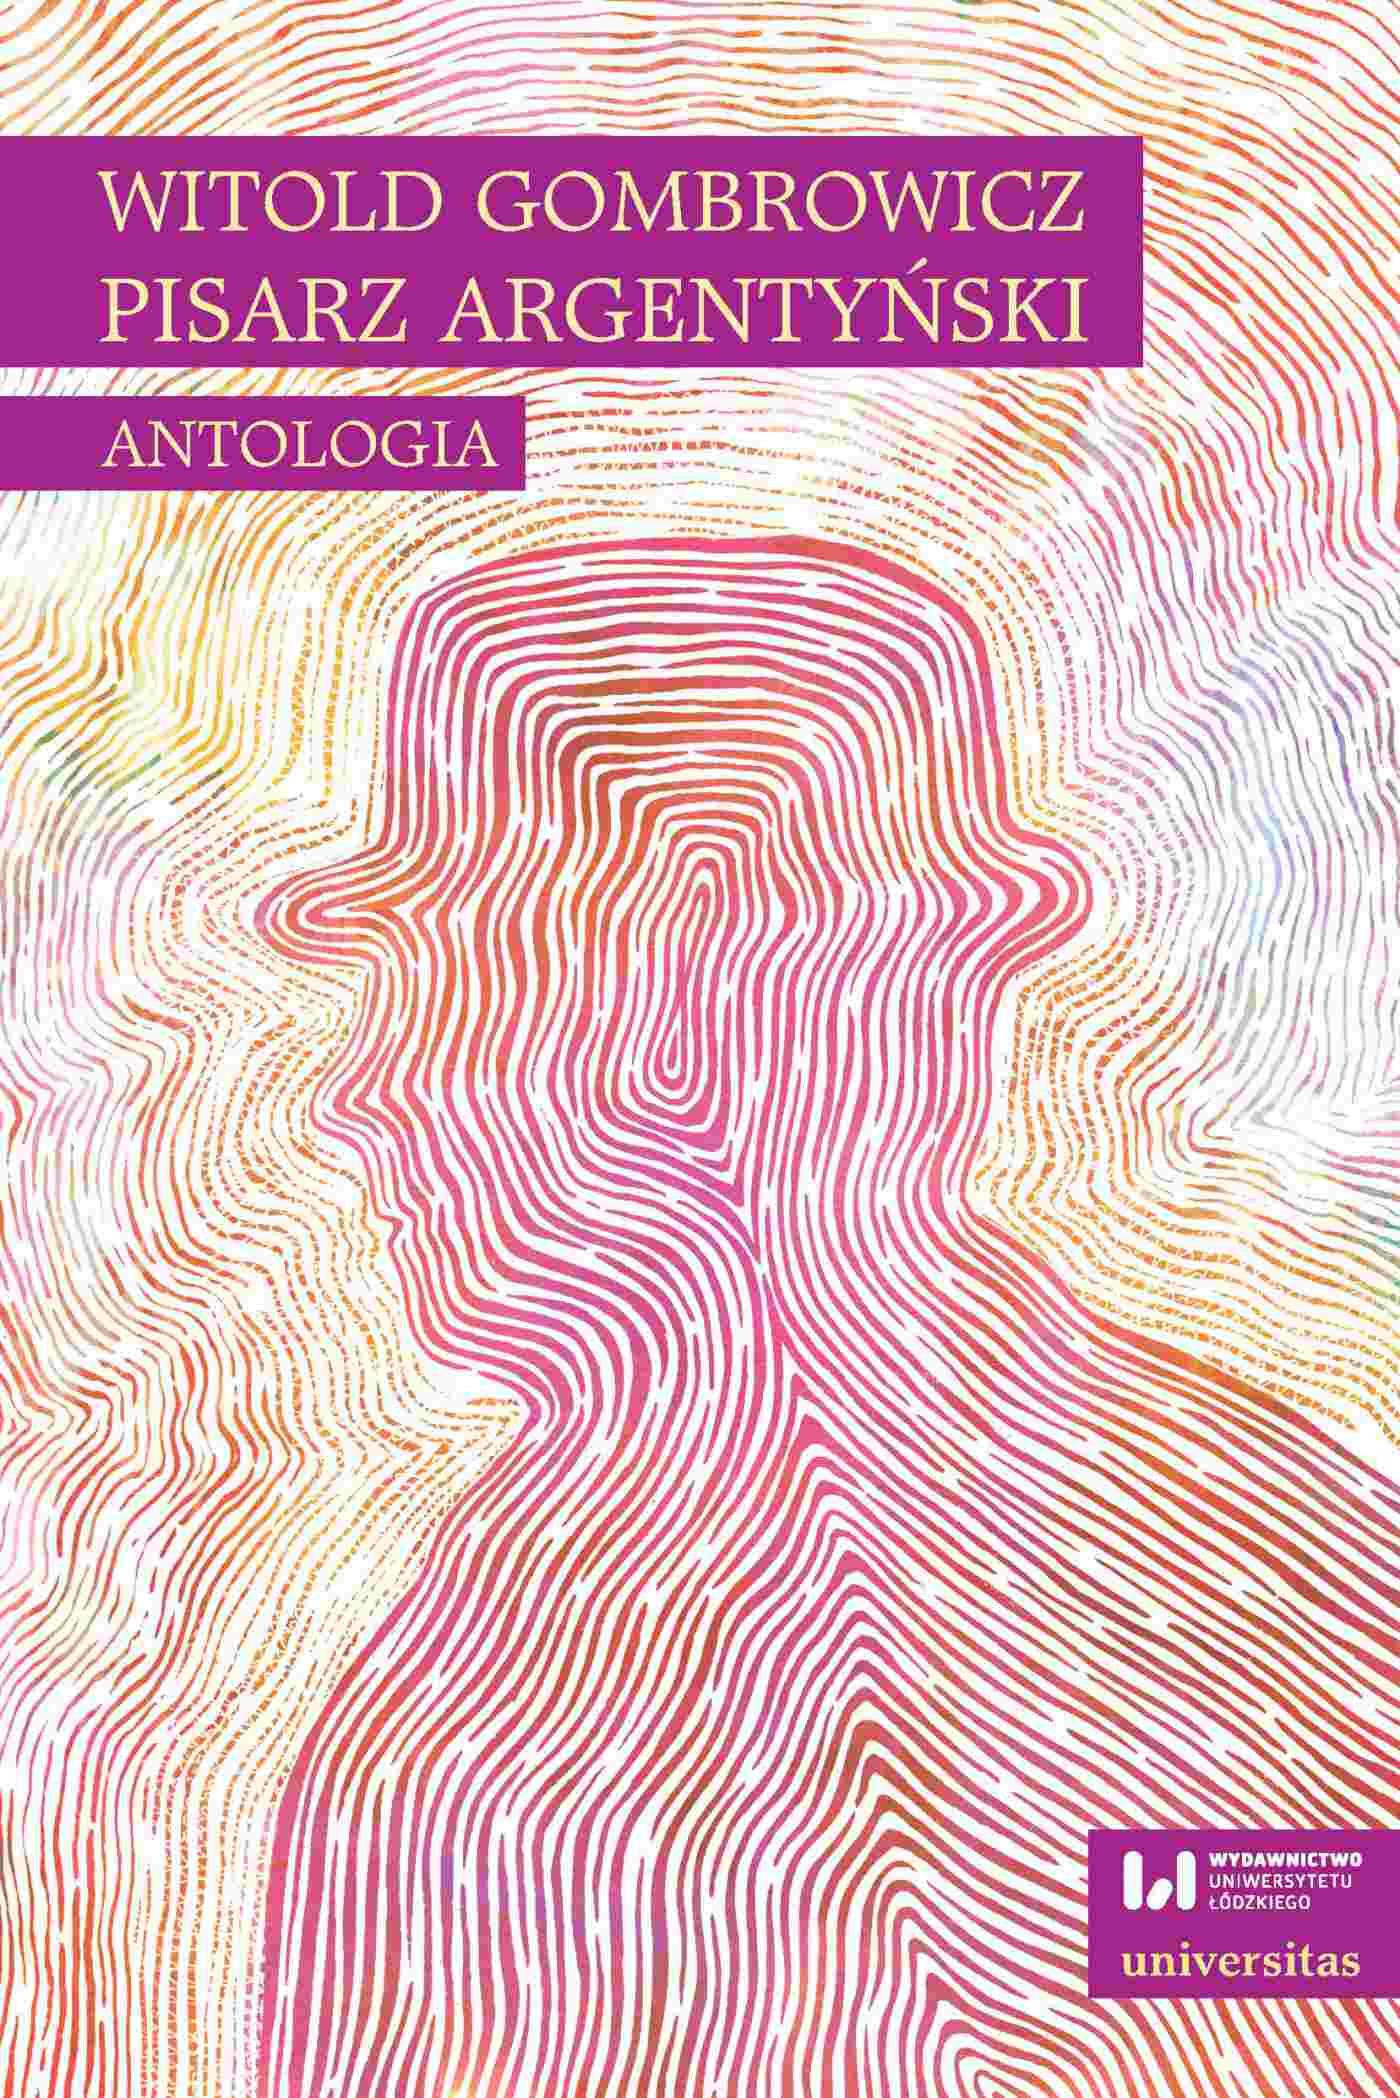 Witold Gombrowicz, pisarz argentyński. Antologia - Ebook (Książka PDF) do pobrania w formacie PDF